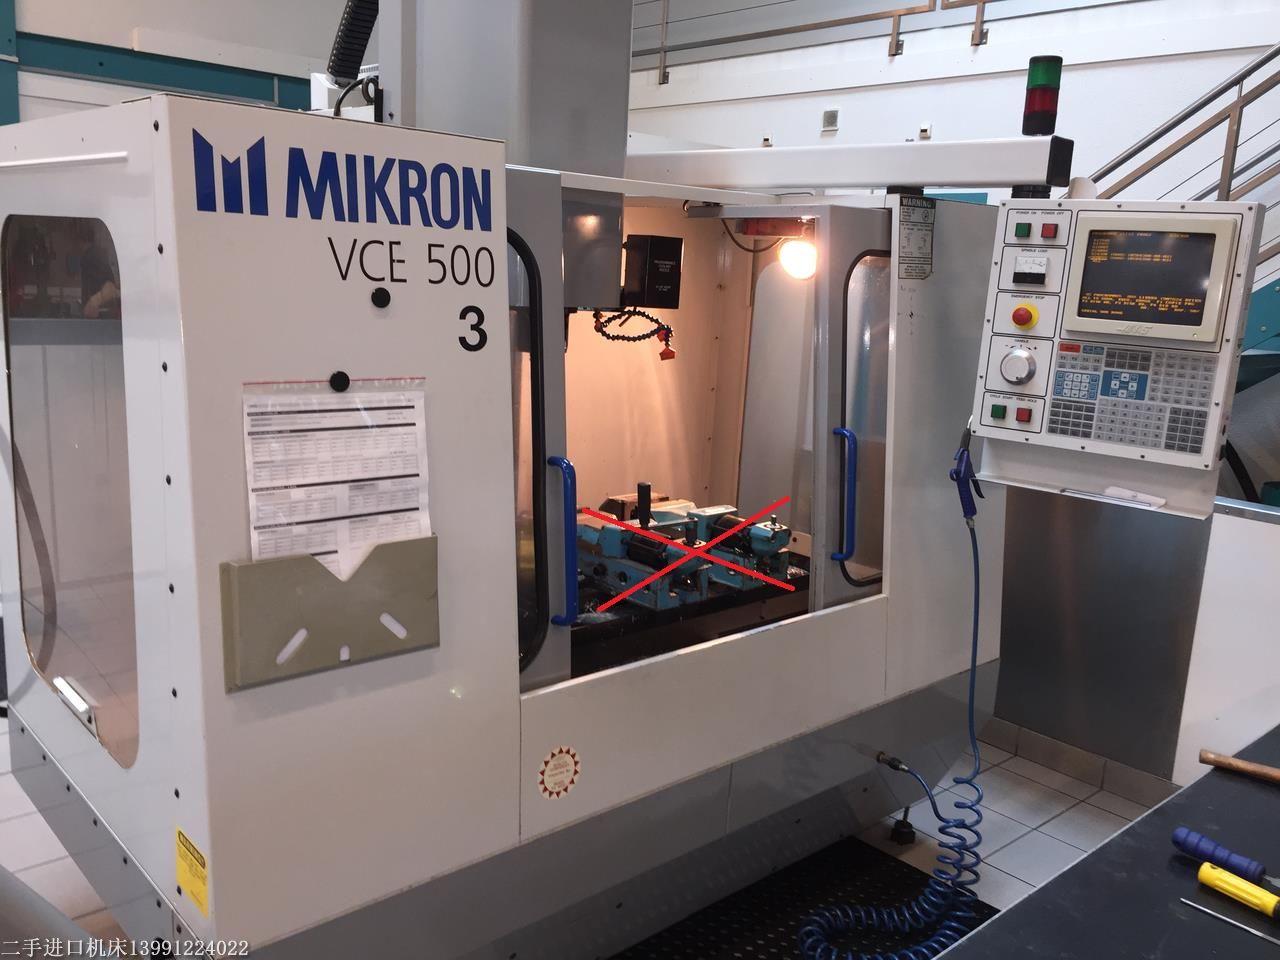 供应绵阳二手MIKRON加工中心,二手瑞士MIKRON VCE 500立式加工中心